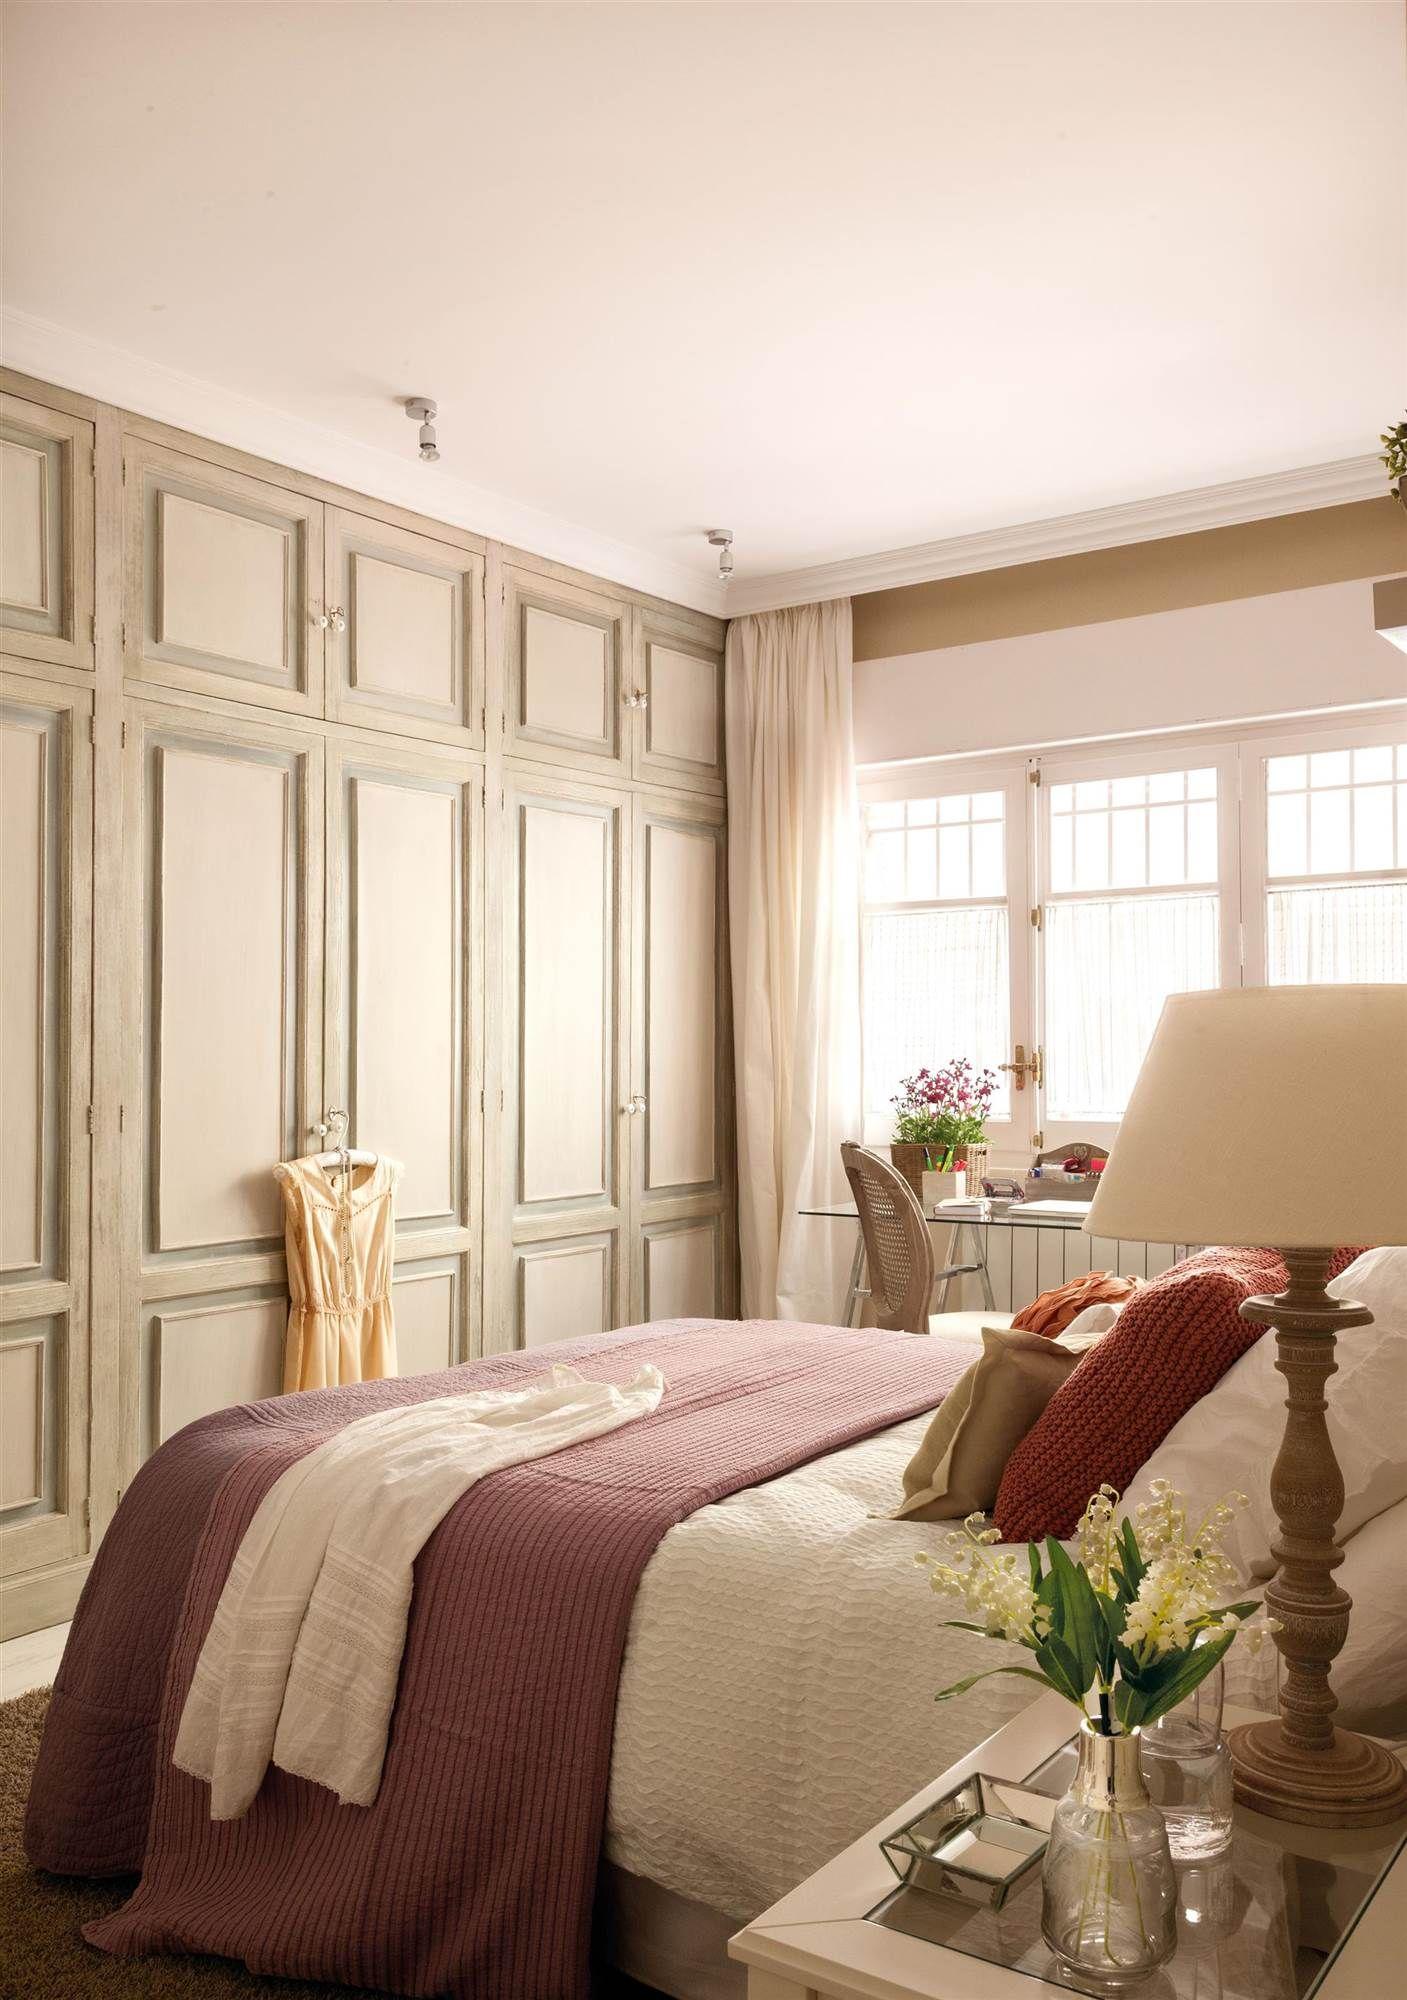 Empotrado con un toque vintage dormitorio armarios de - Decoracion armarios dormitorios ...